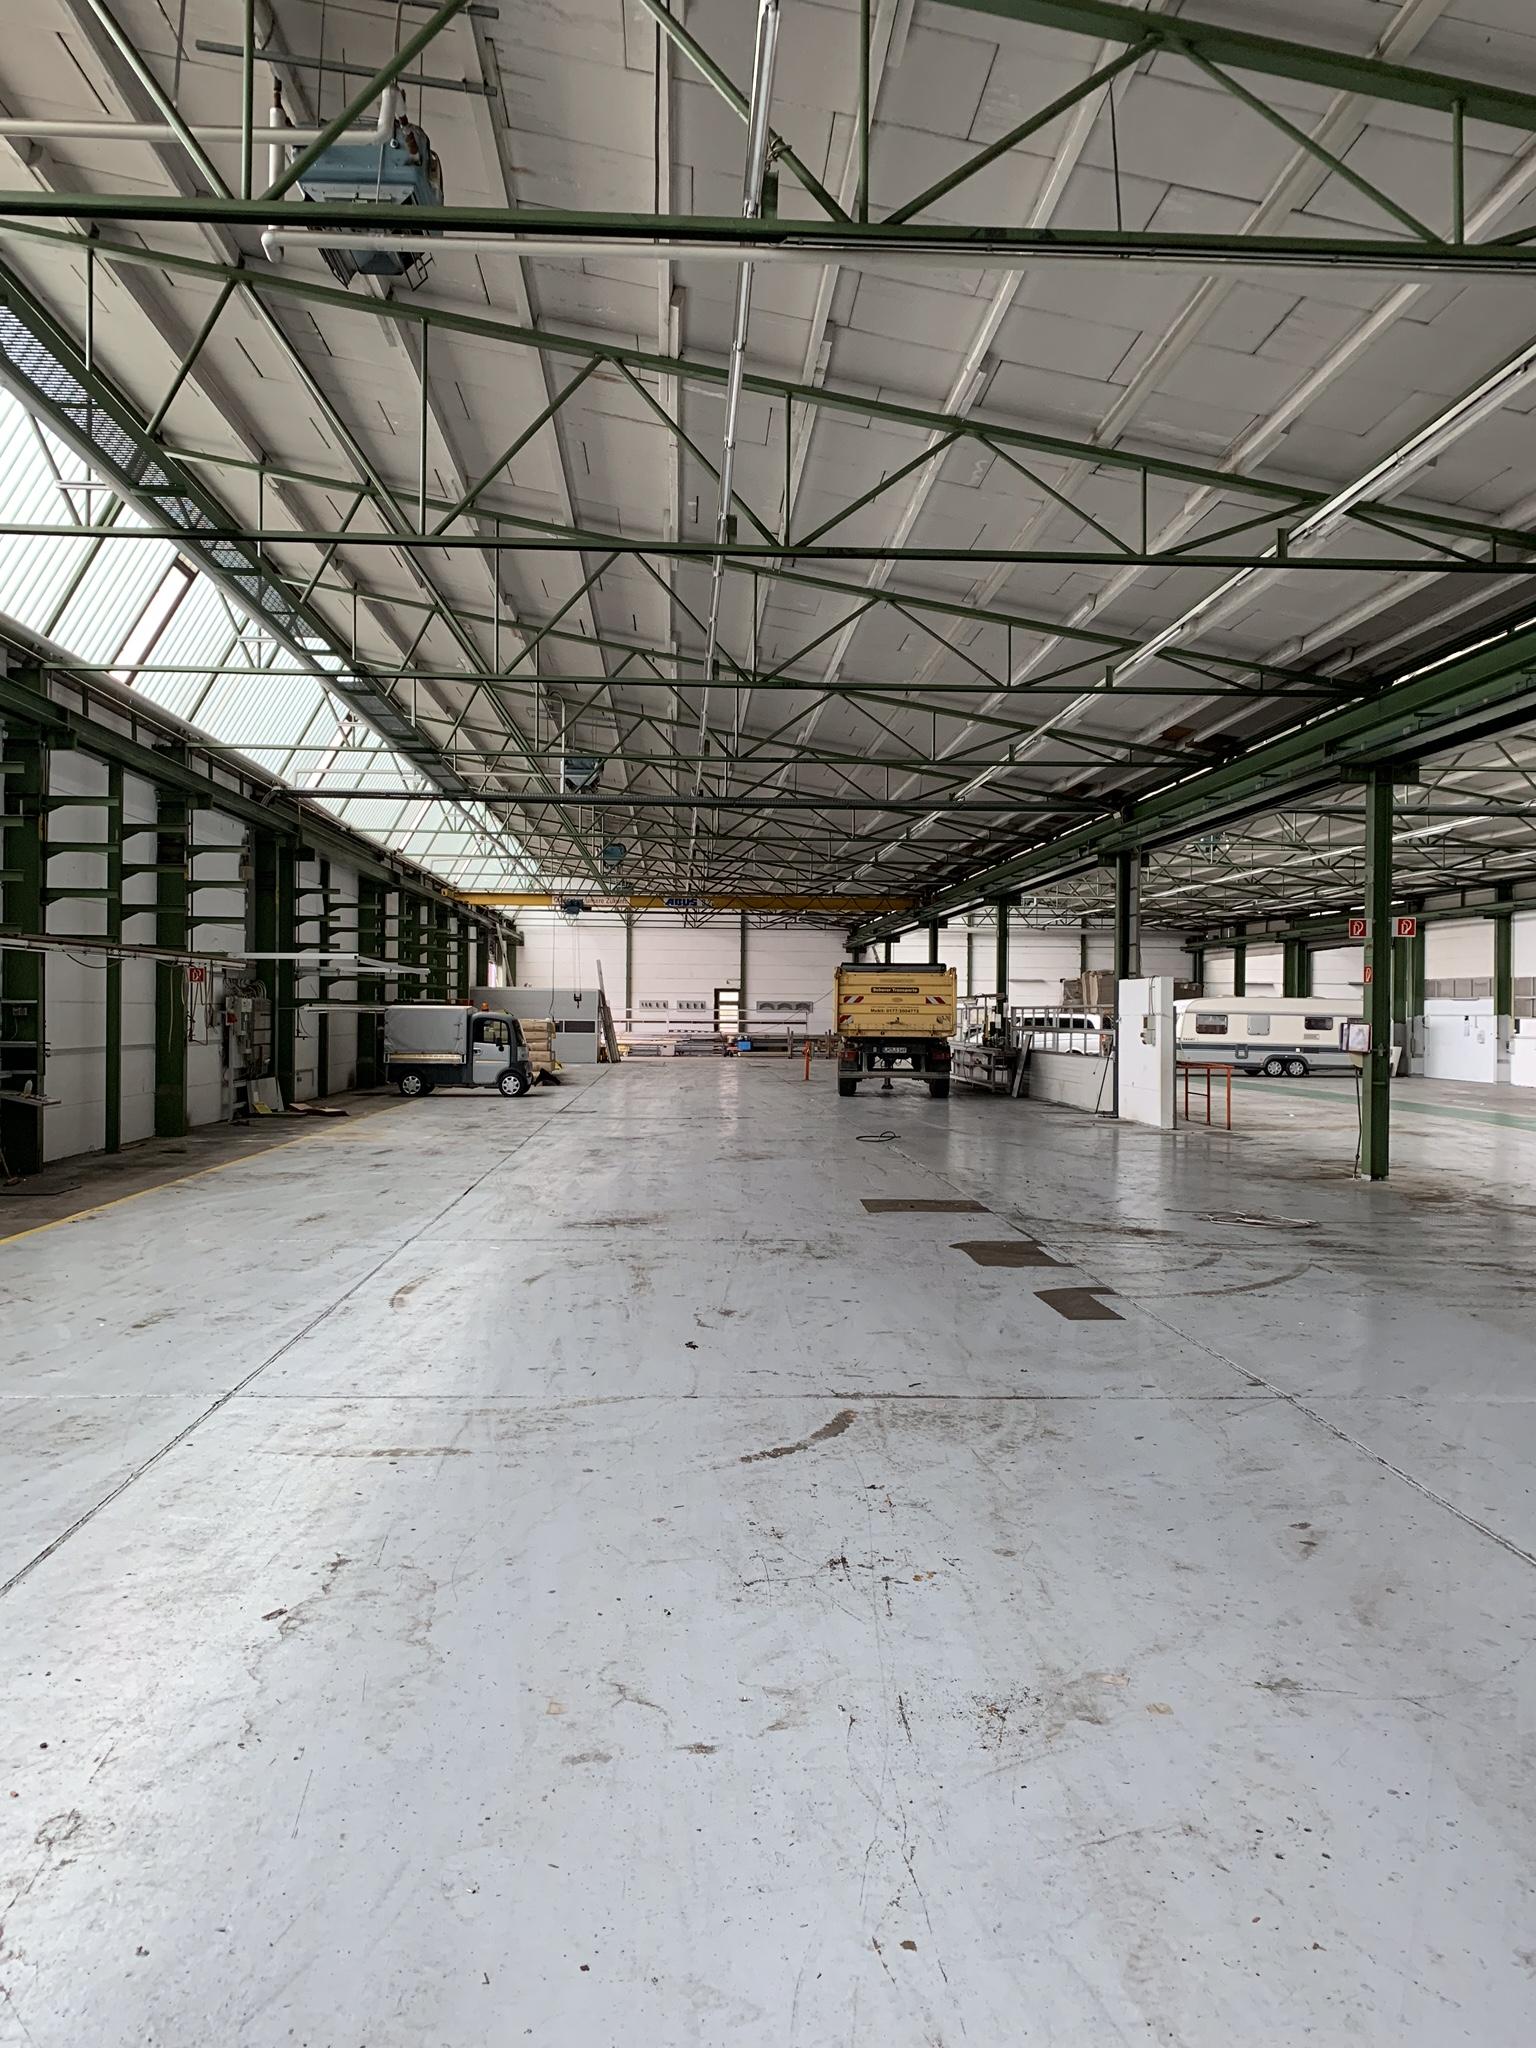 Gesicherte Hallenstellplätze für Wohnwägen, Oldtimer, LKWs etc.